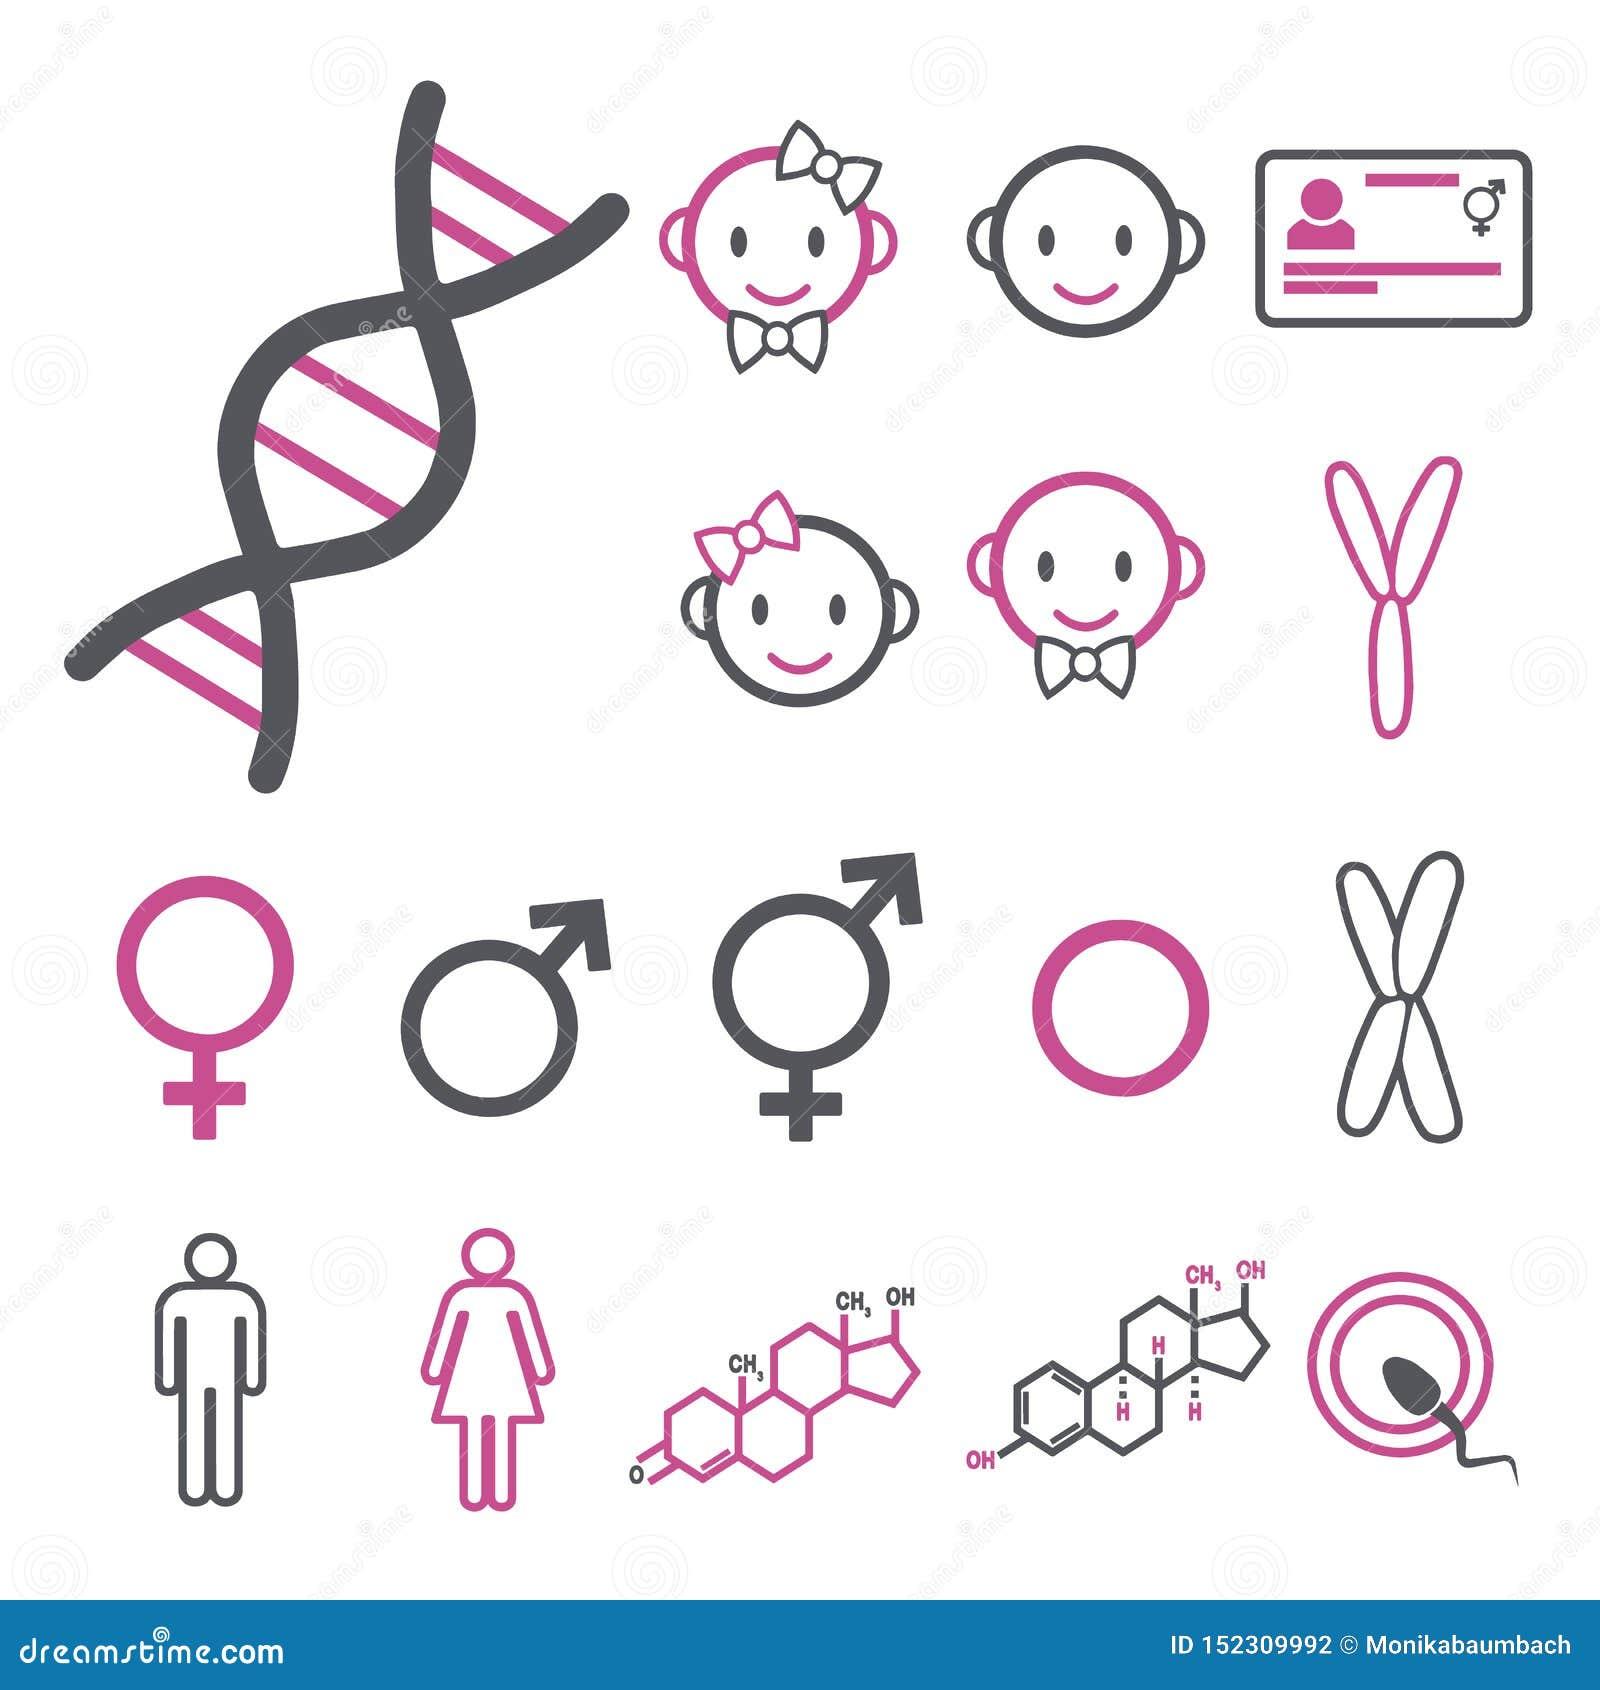 Icona di vettore messa per creare infographics relativo al genere, al transessuale e a Intersex come DNA, i cromosomi, il maschio